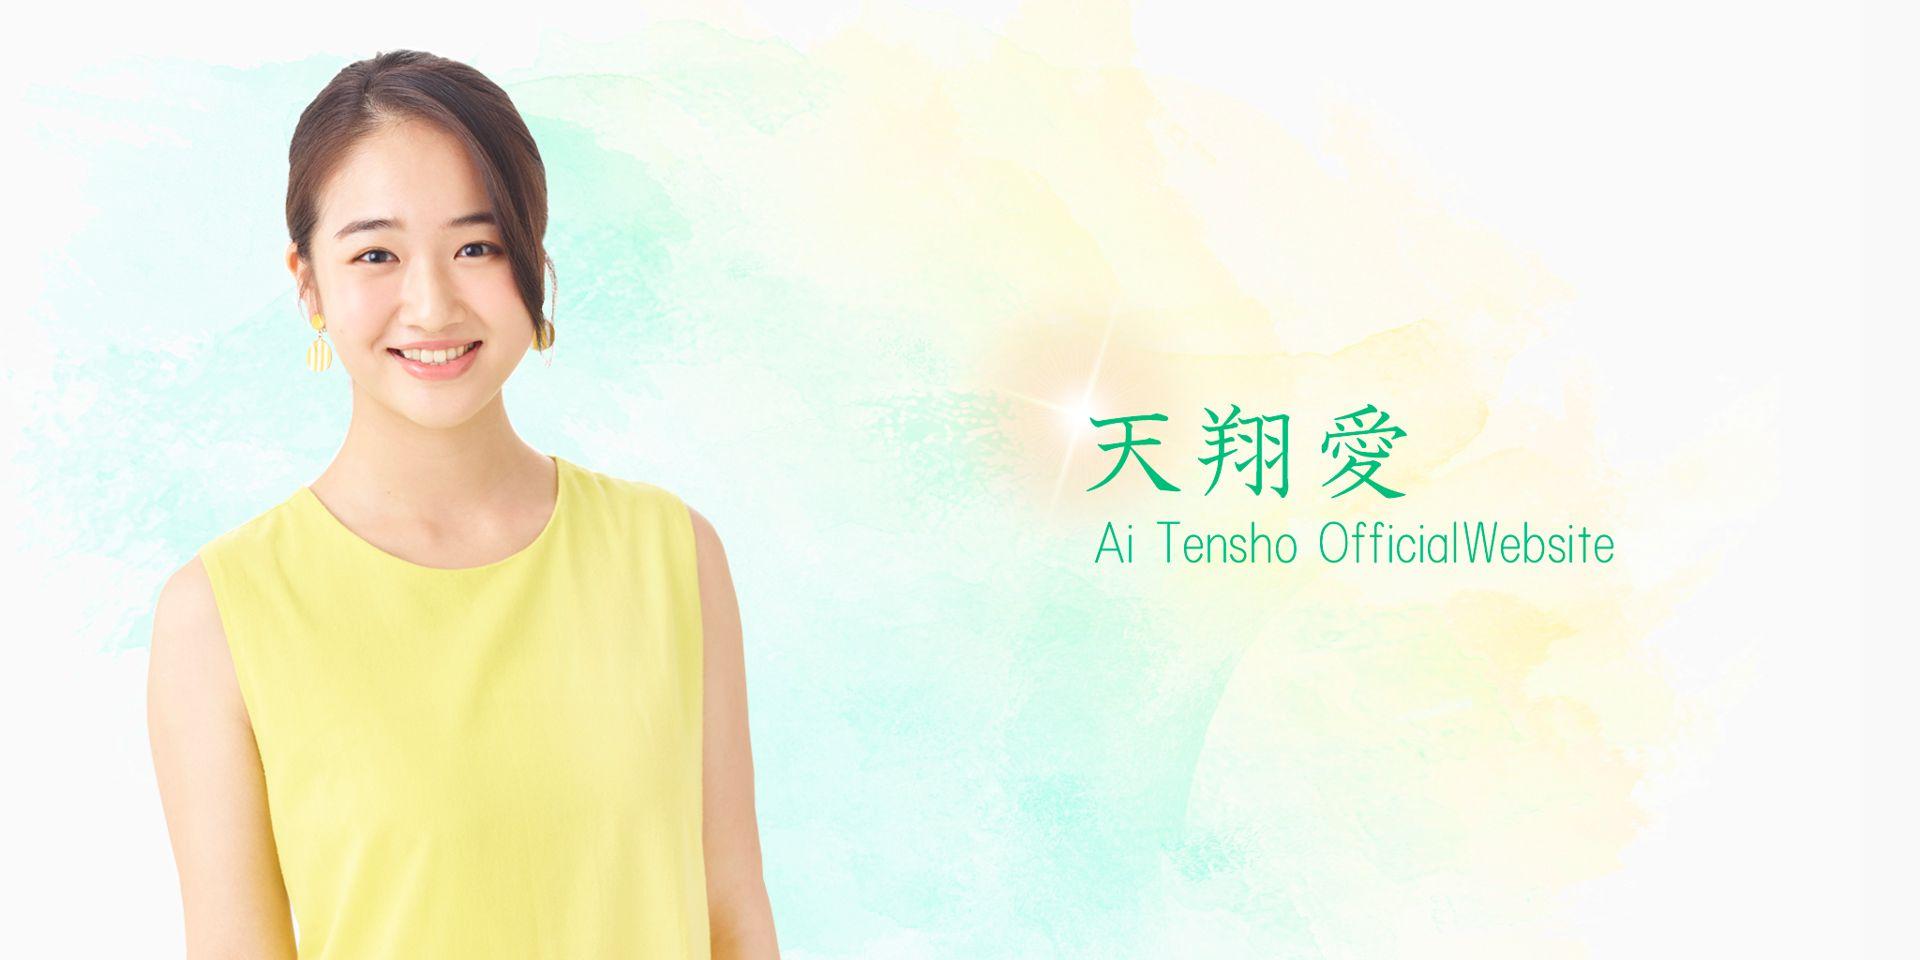 TENSHO AI OFFICIAL WEB SITE